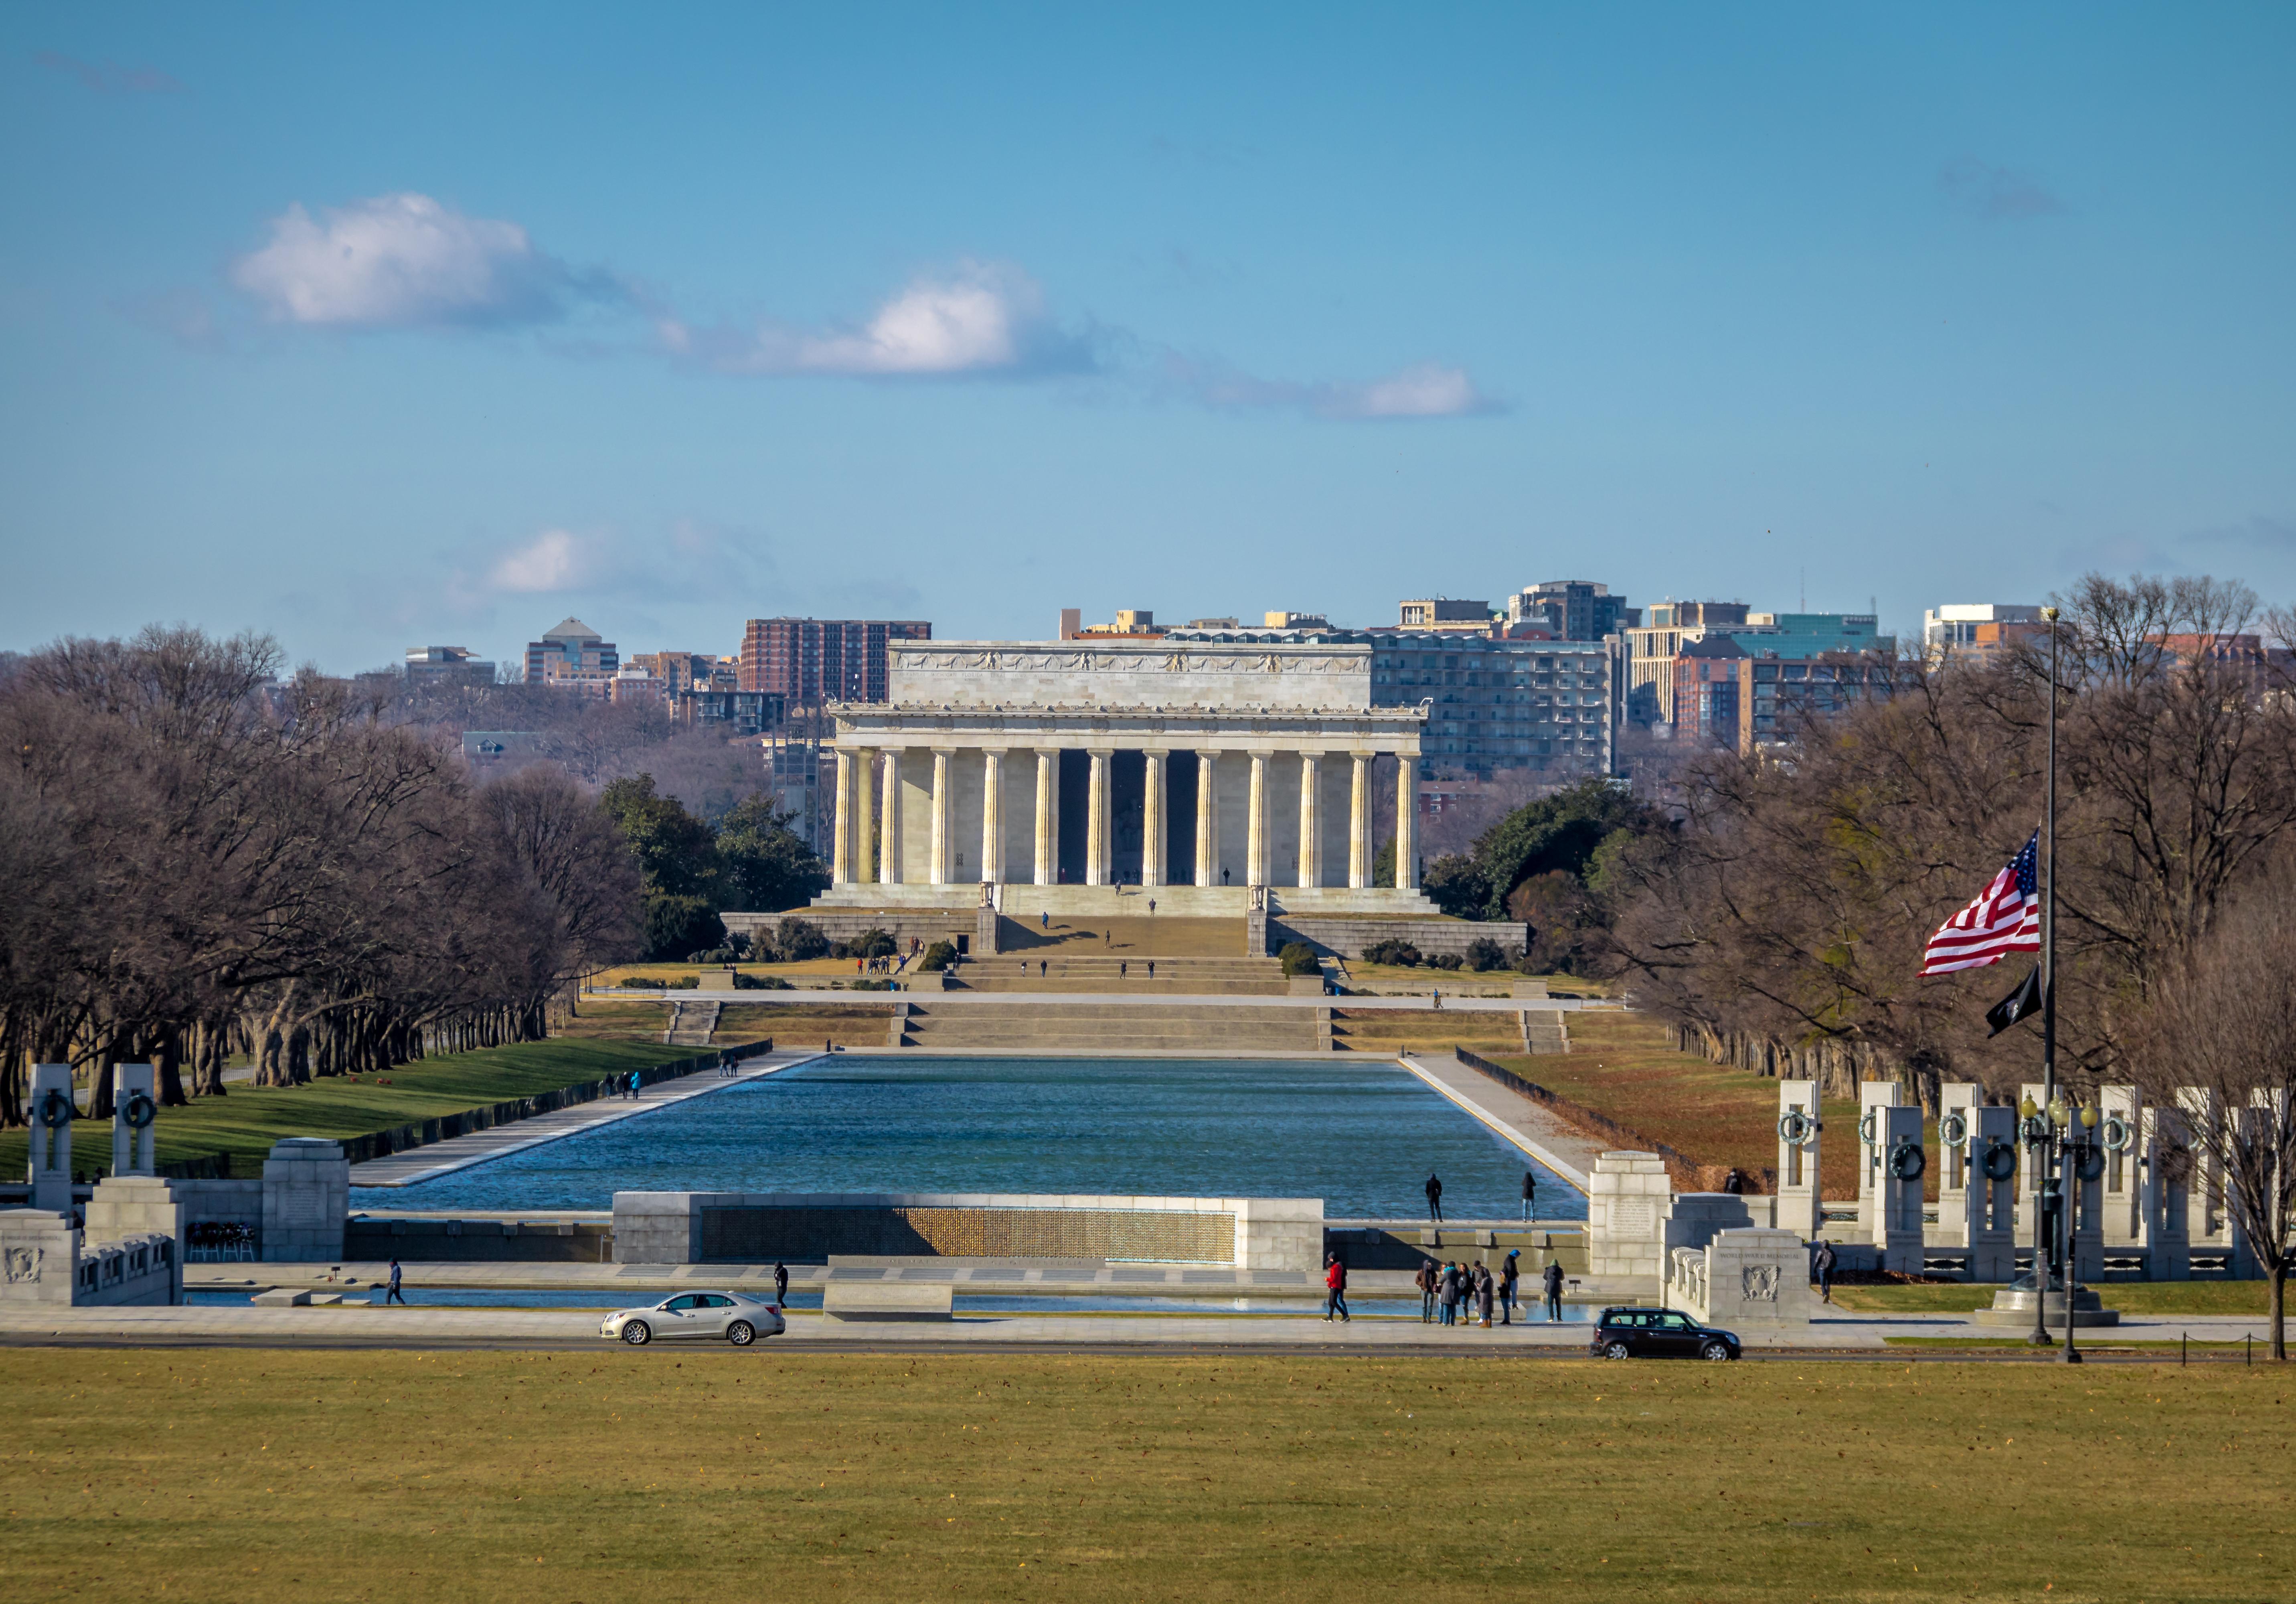 Lincoln Memorial - Washington, D.C., USA